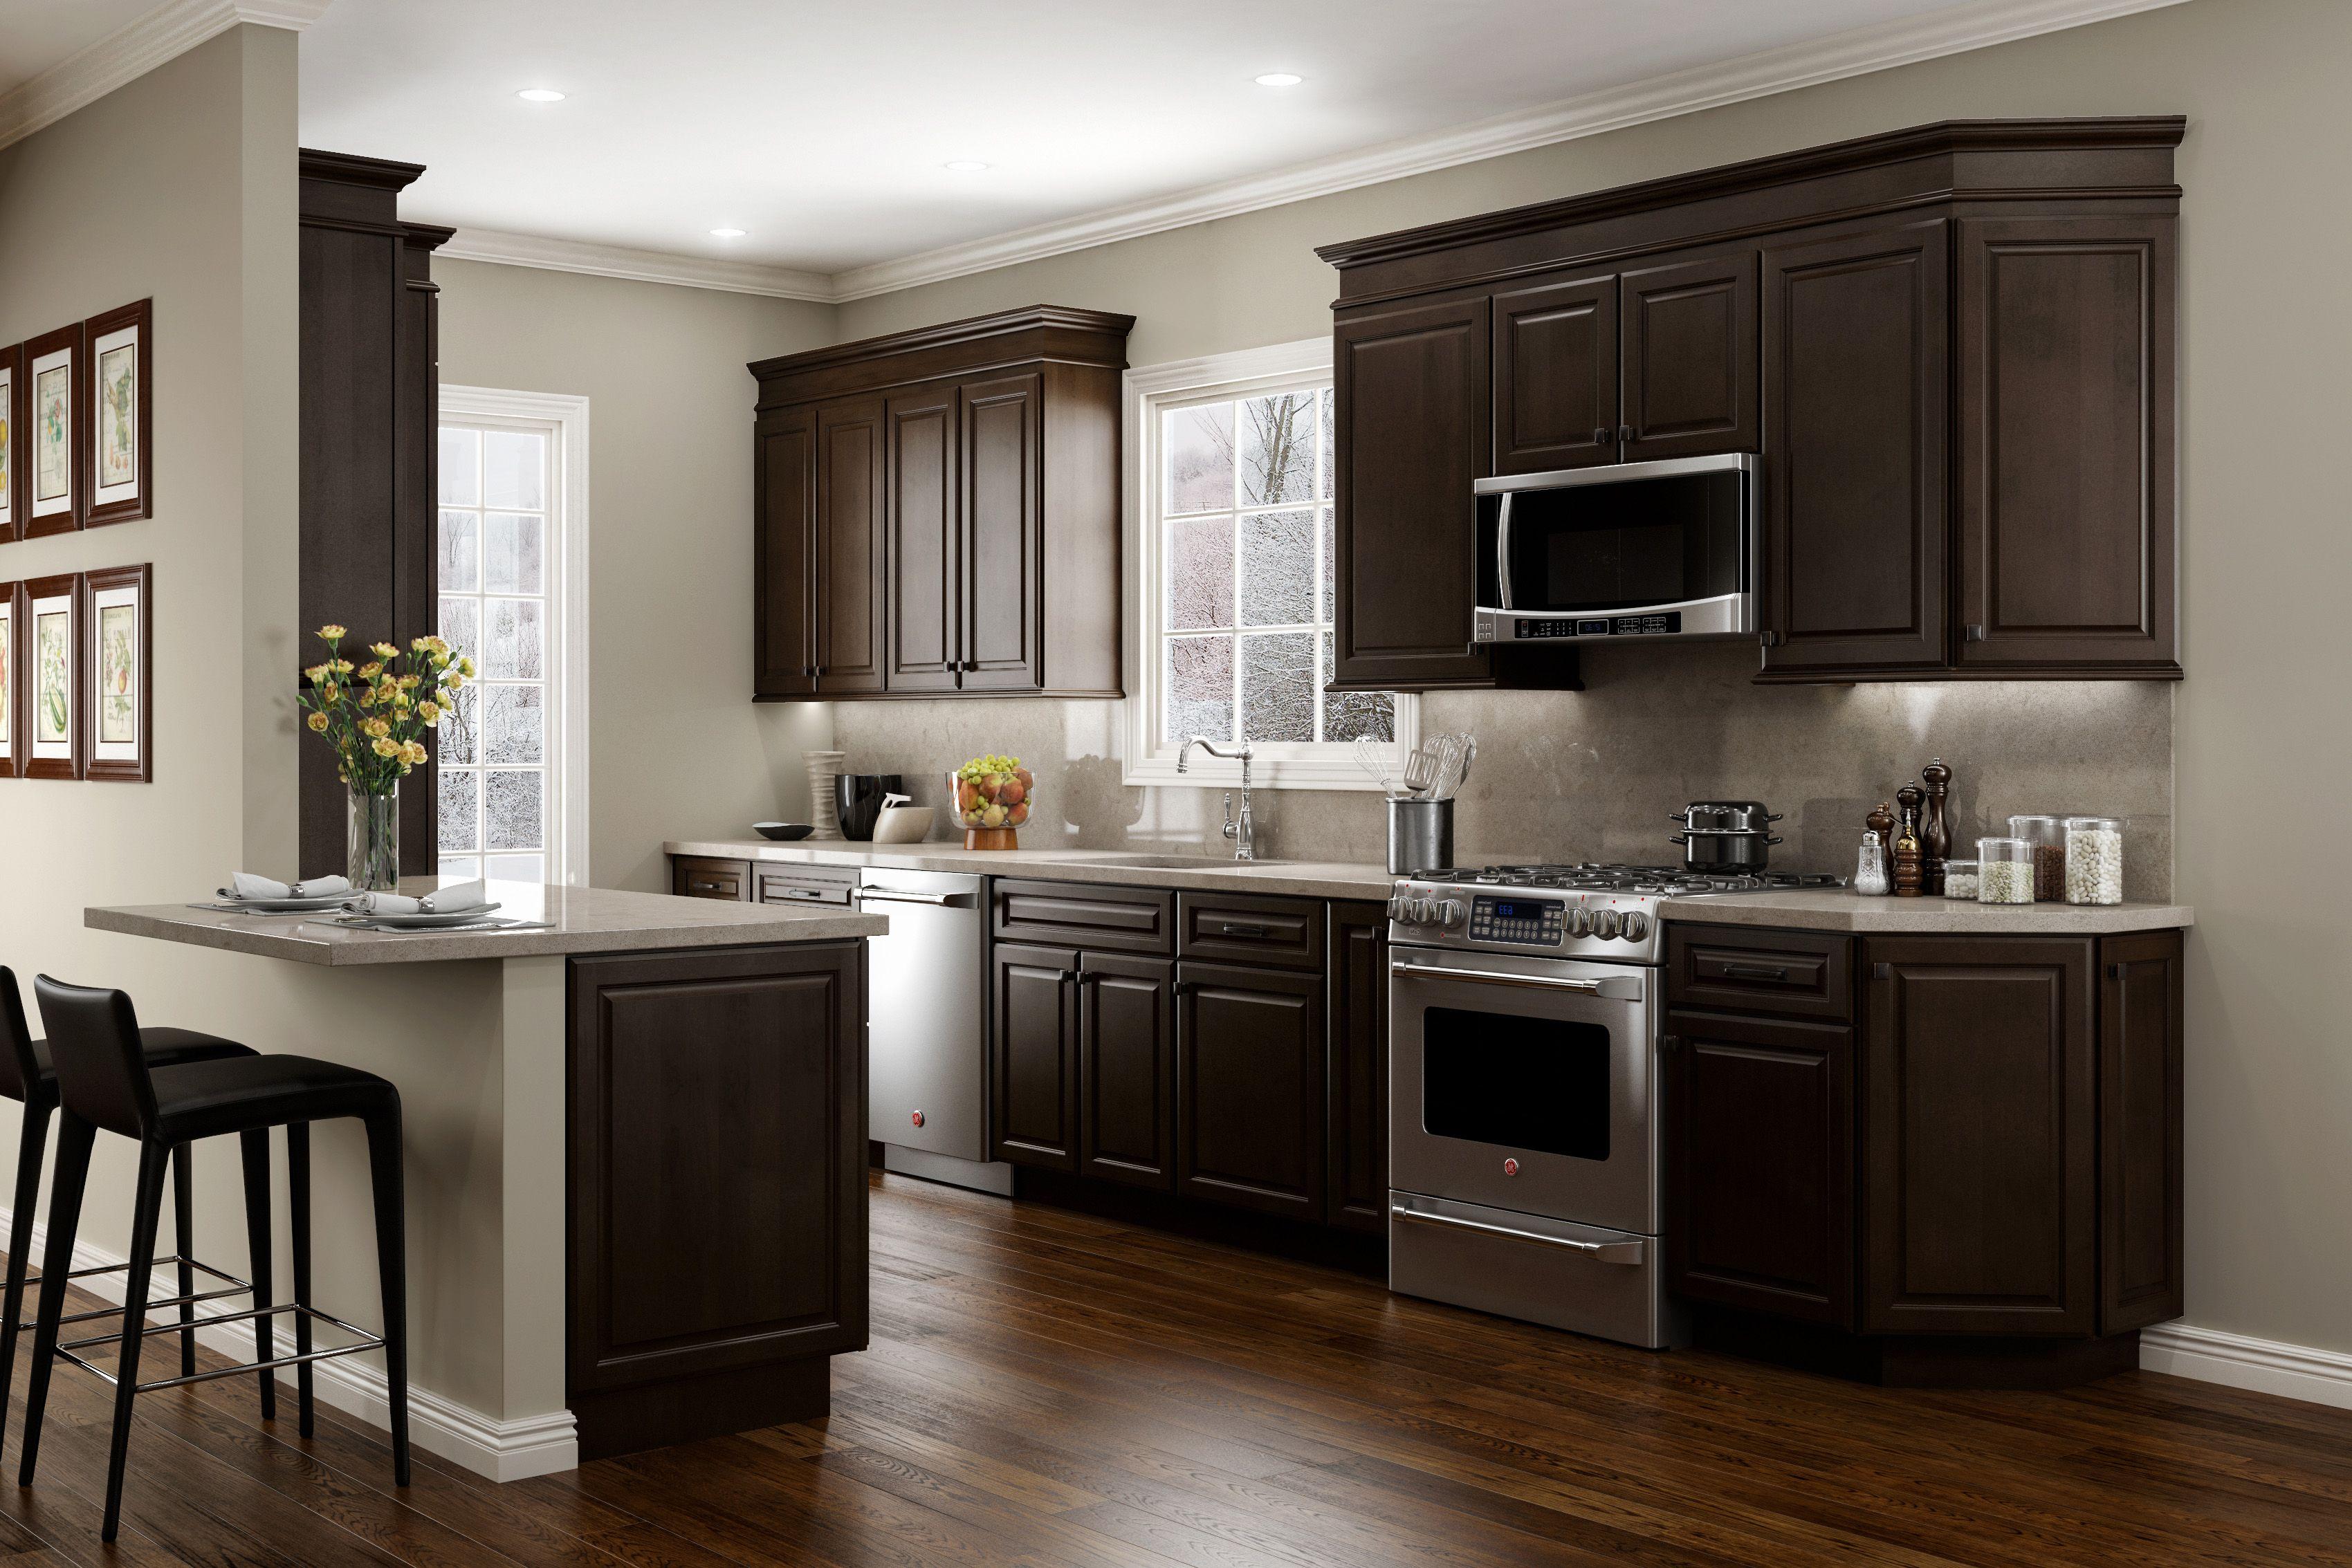 Jsi Cabinetry Quincy Espresso Kitchen Dark Kitchen Cabinets